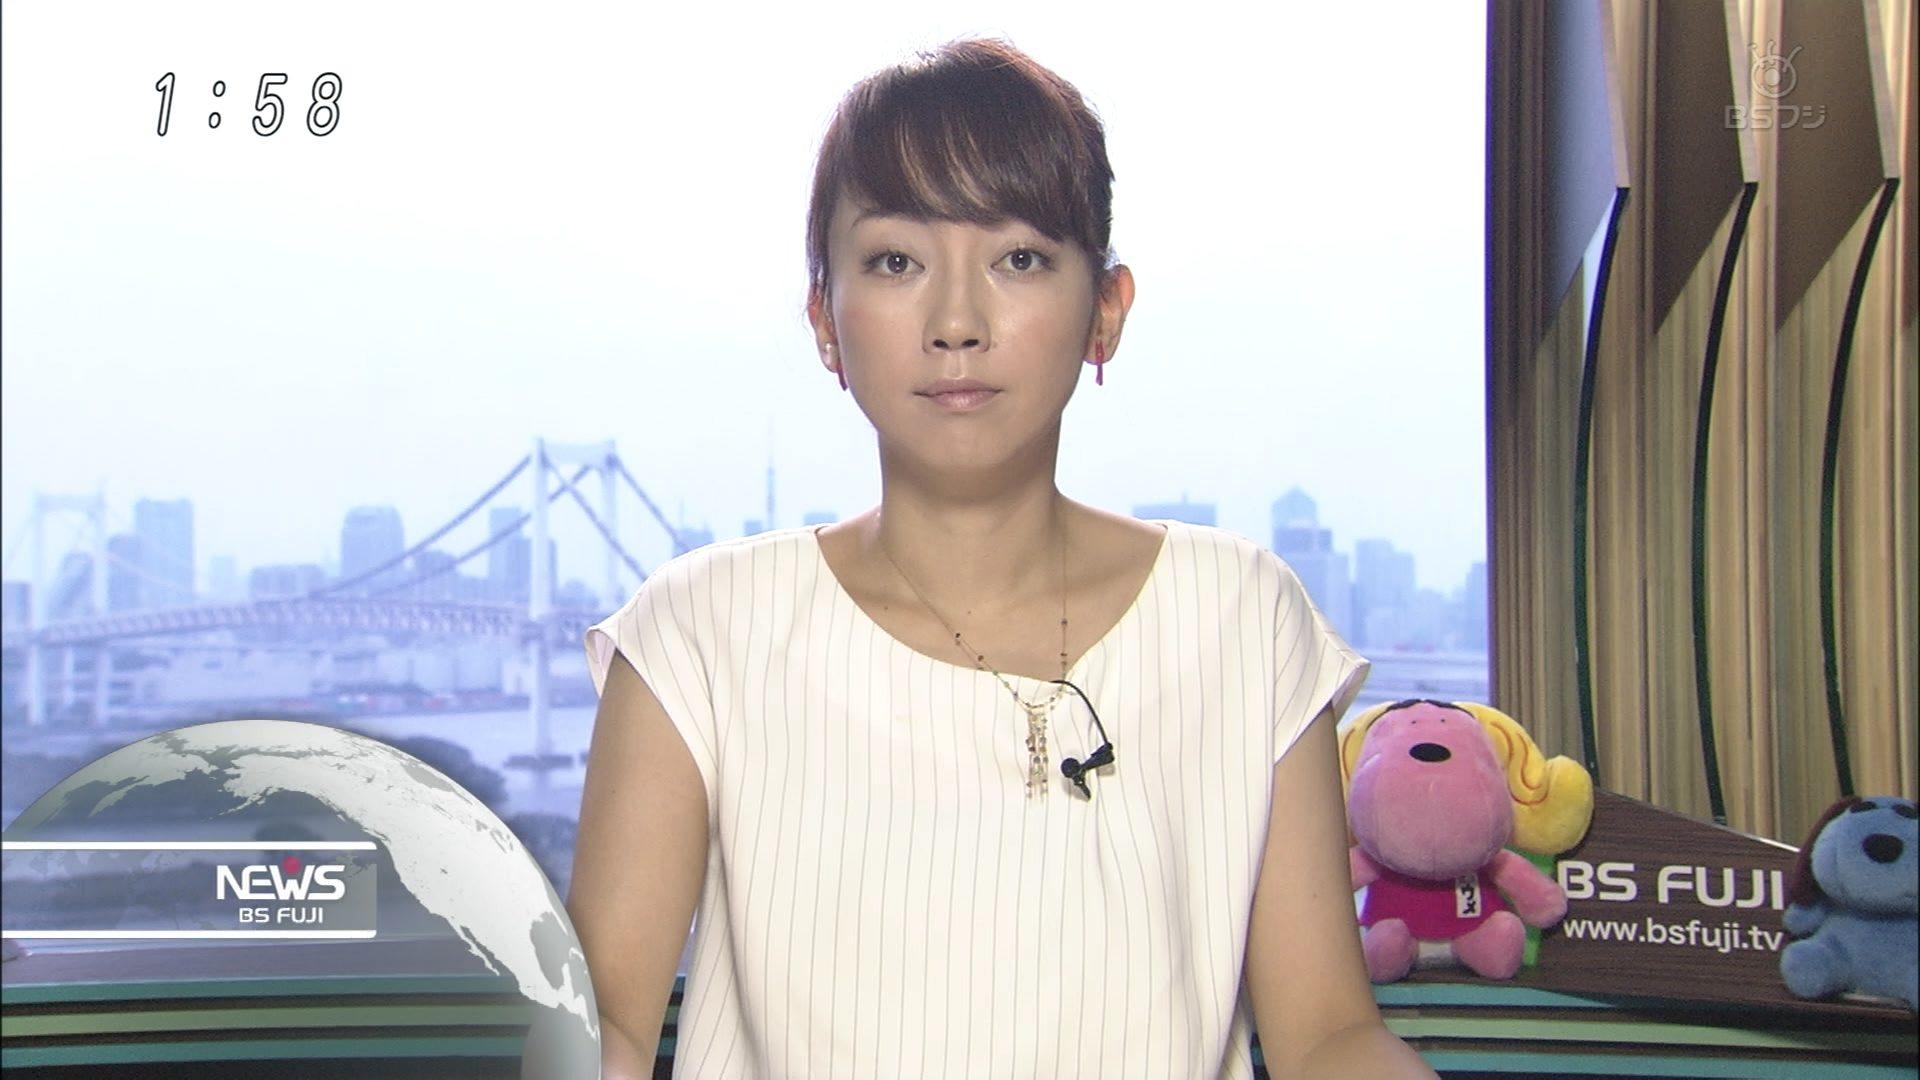 戸部洋子 BSフジニュース 0005